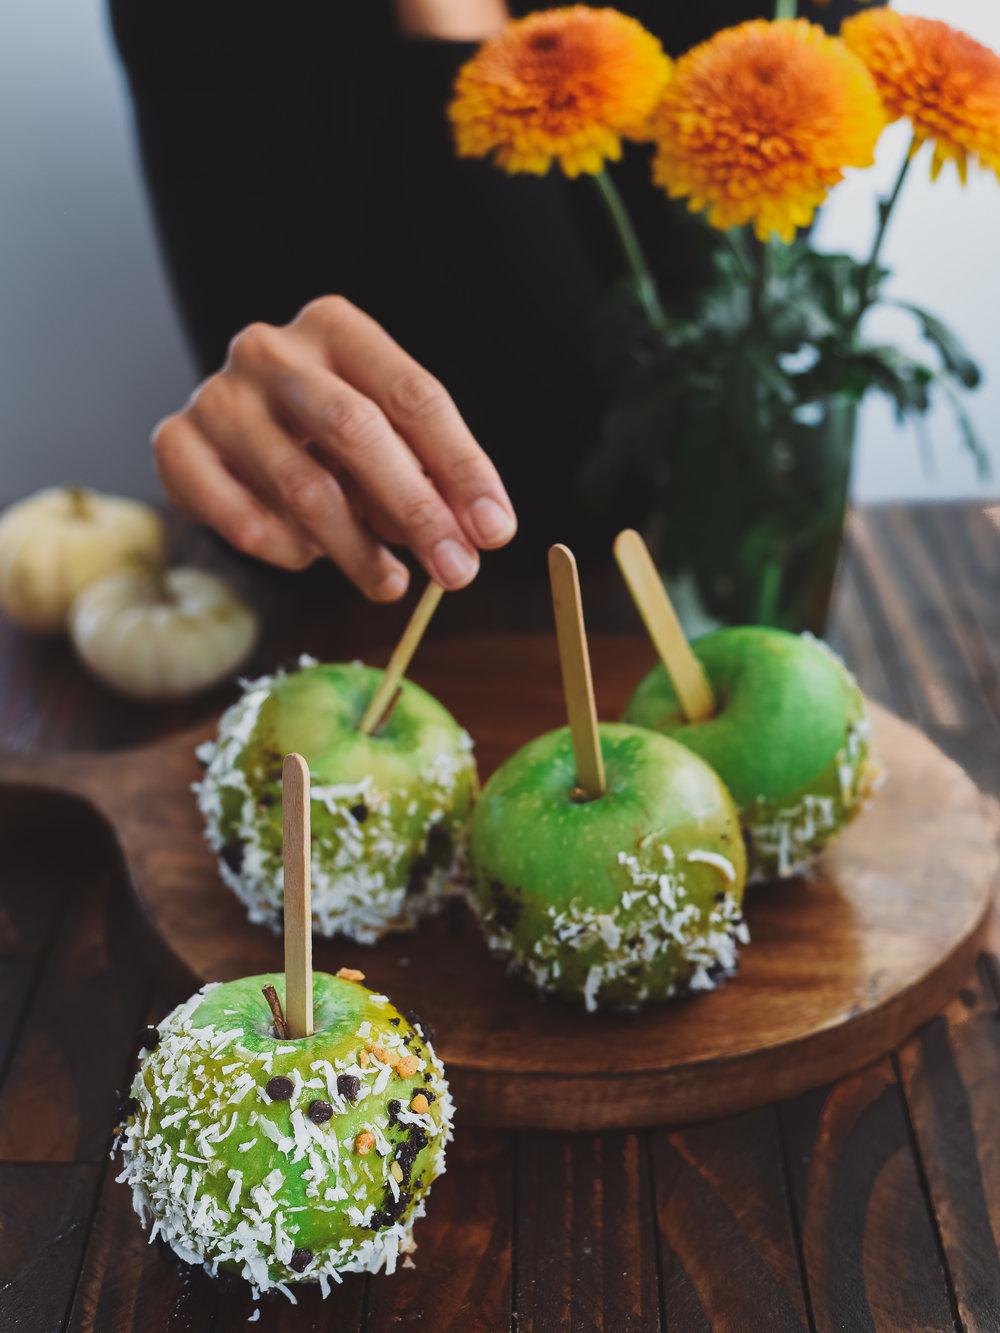 me grabbing apples batik.jpg